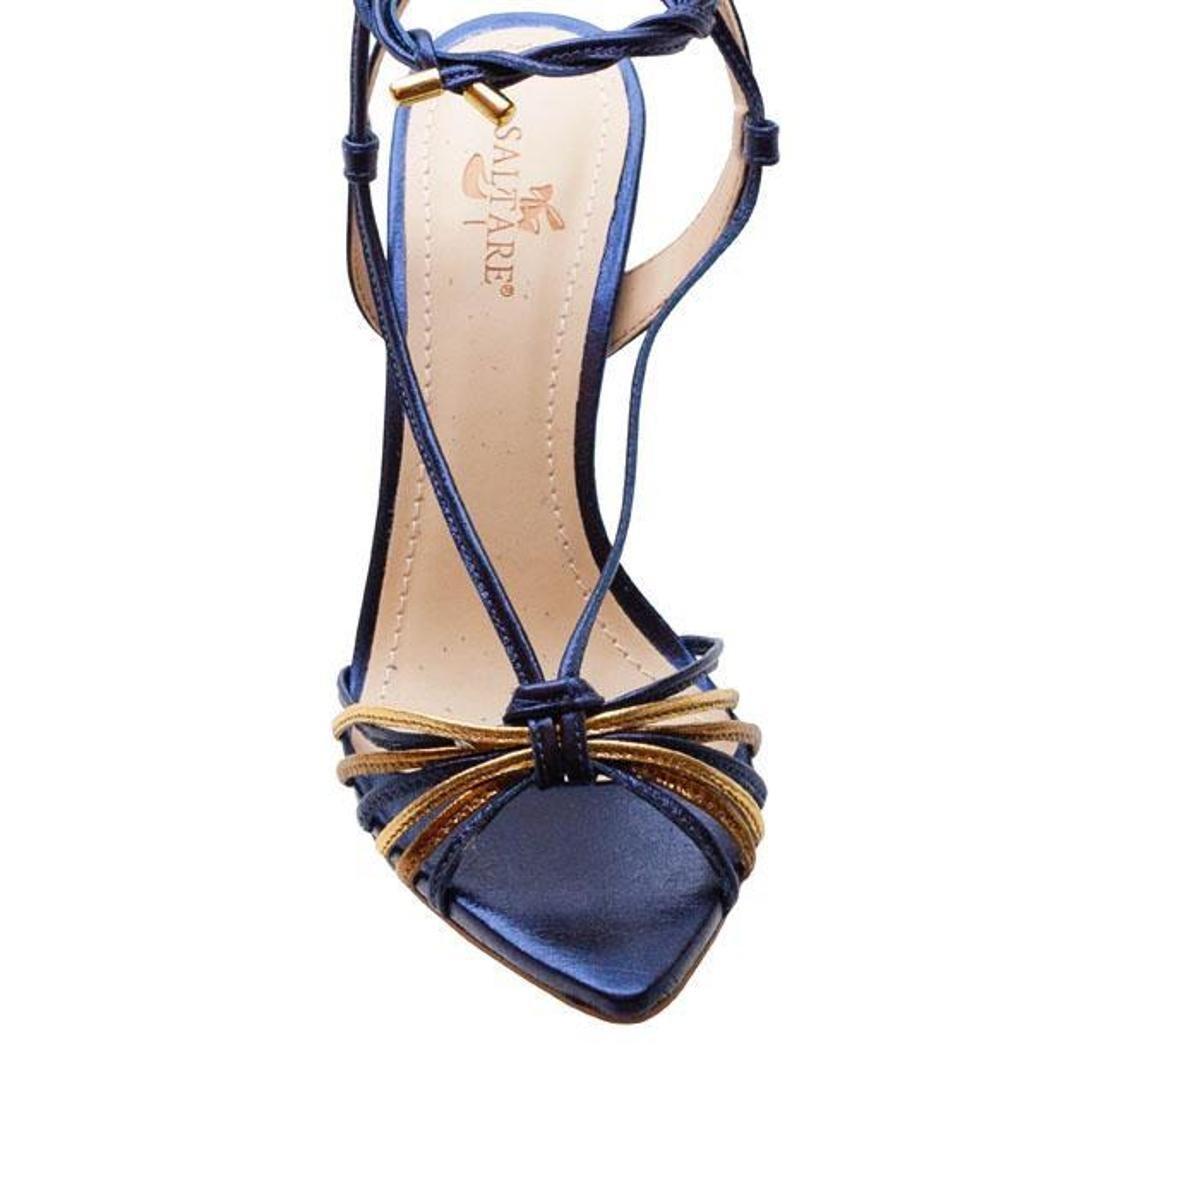 Sandalias Saltare Hebe 2 Burgundy 35 - Azul e Marinho